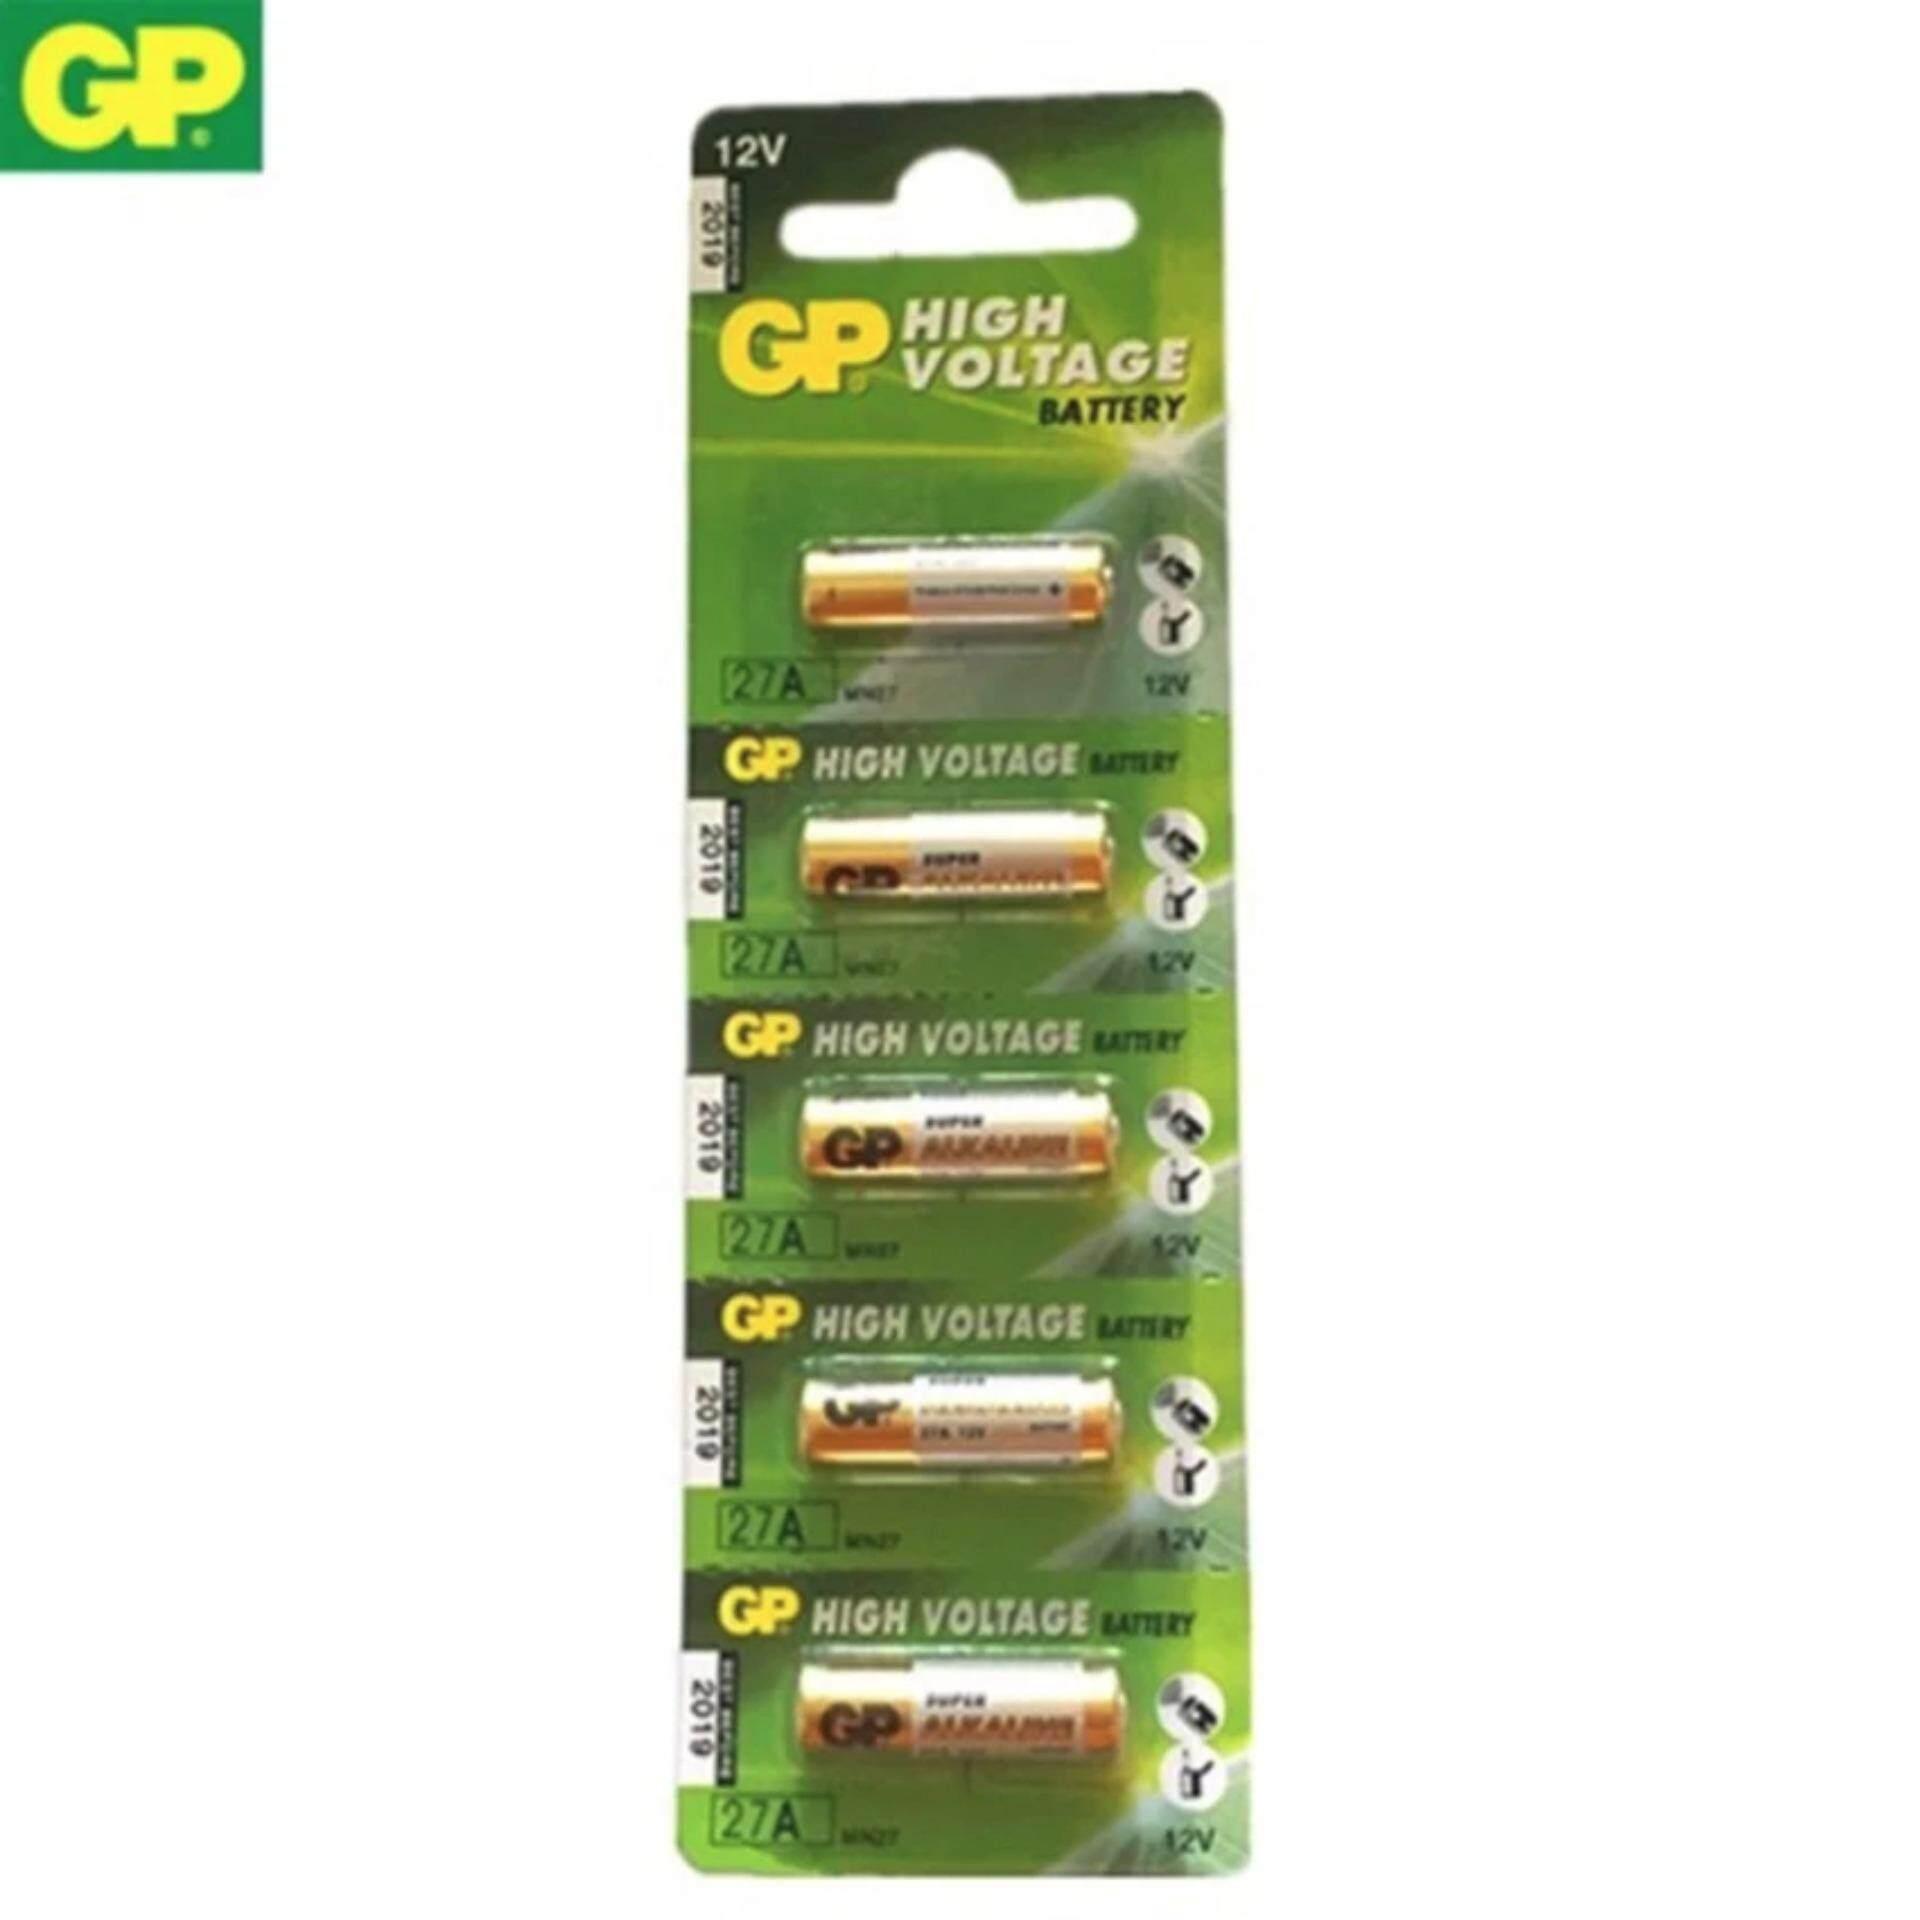 GP Battery ถ่าน Alkaline Battery 12V. รุ่น GP27A ถ่านกริ่งไร้สายรีโมตรถยนต์ Car Remote Controller(1 แพ็ค 5 ก้อน)